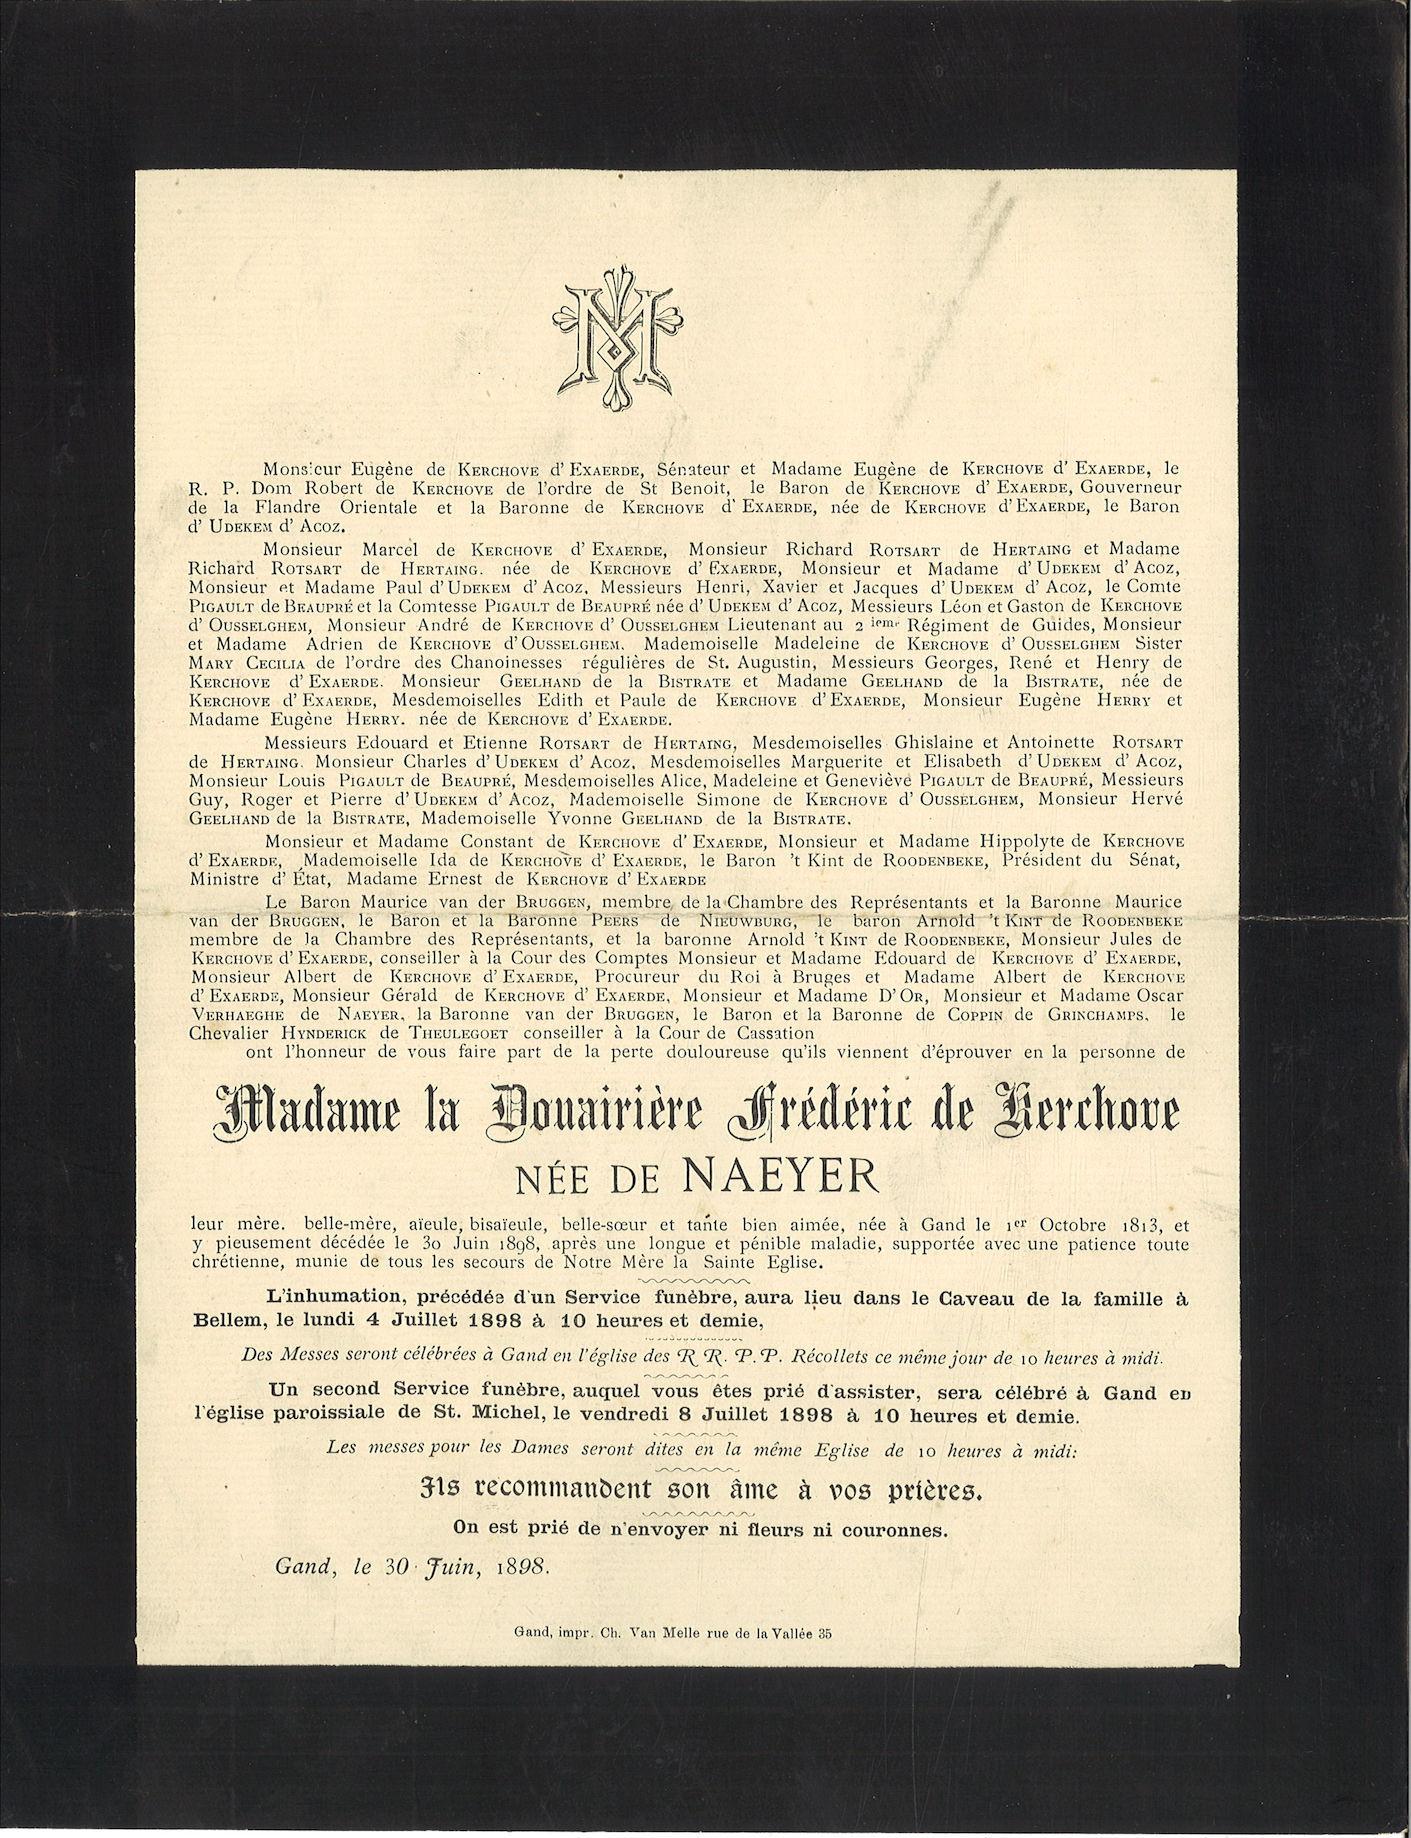 Frédéric de Kerckhove de Nayer